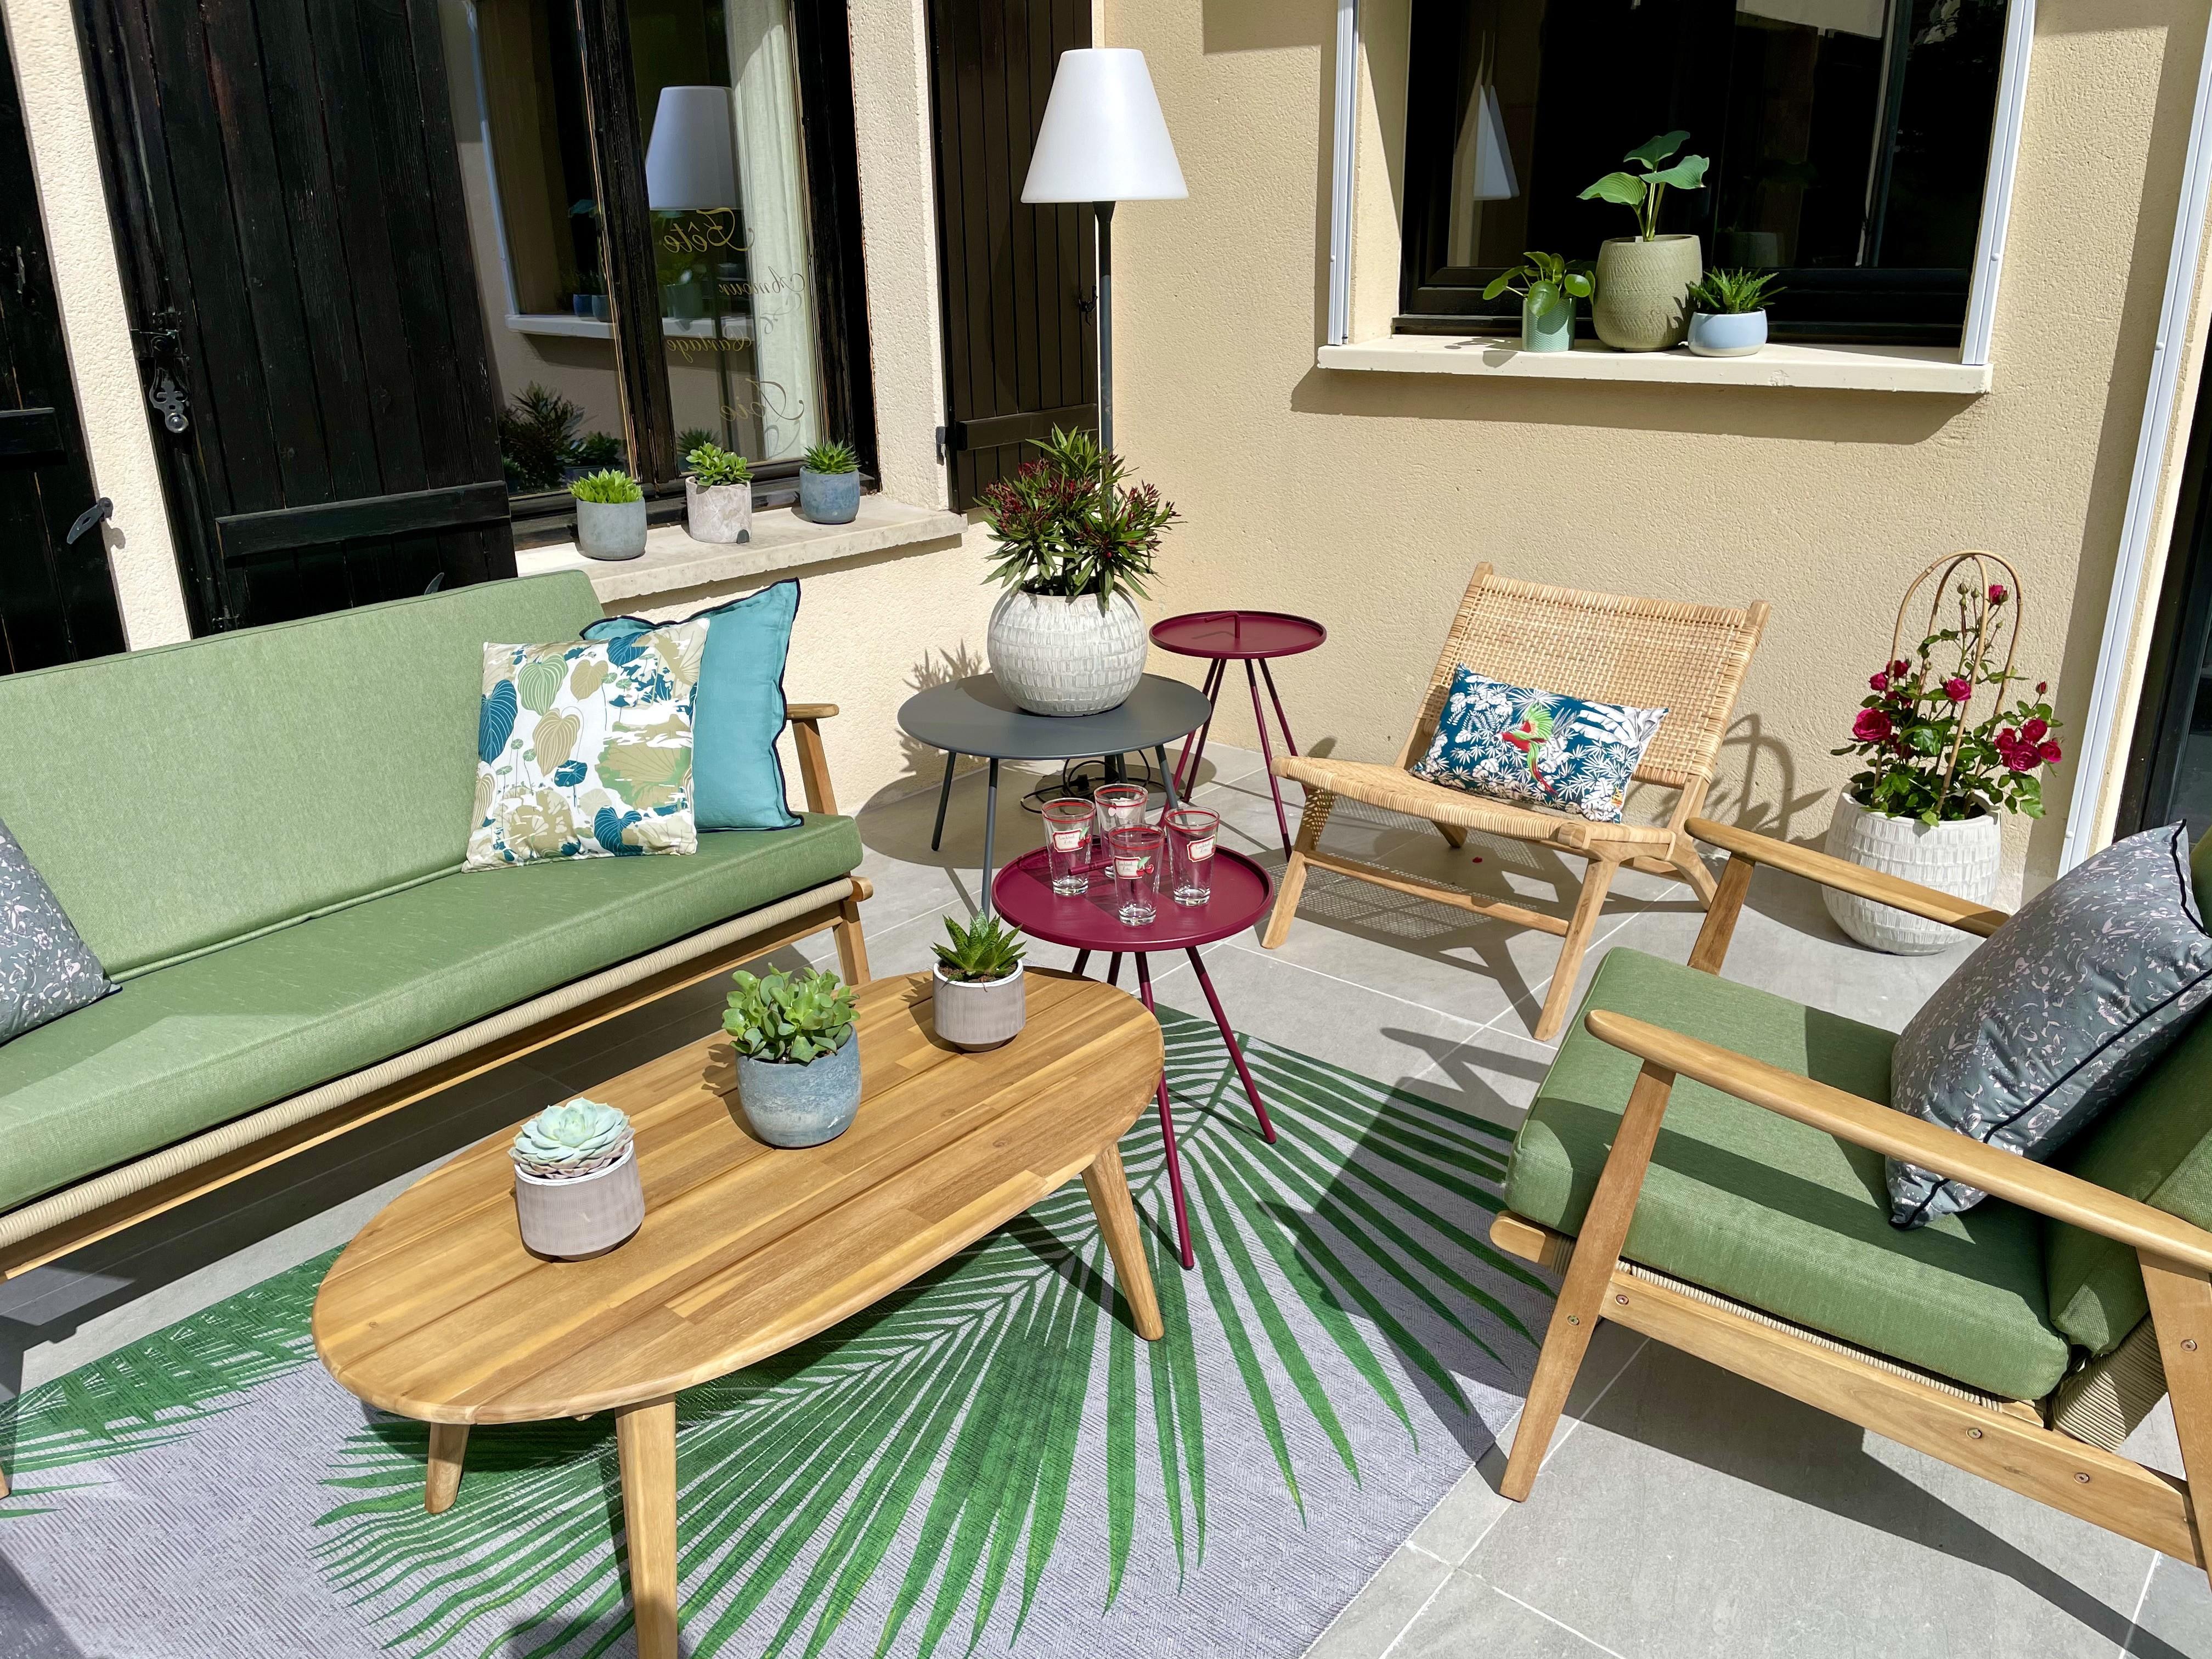 Salon peggy guezello ame nagement de jardi et terrasse